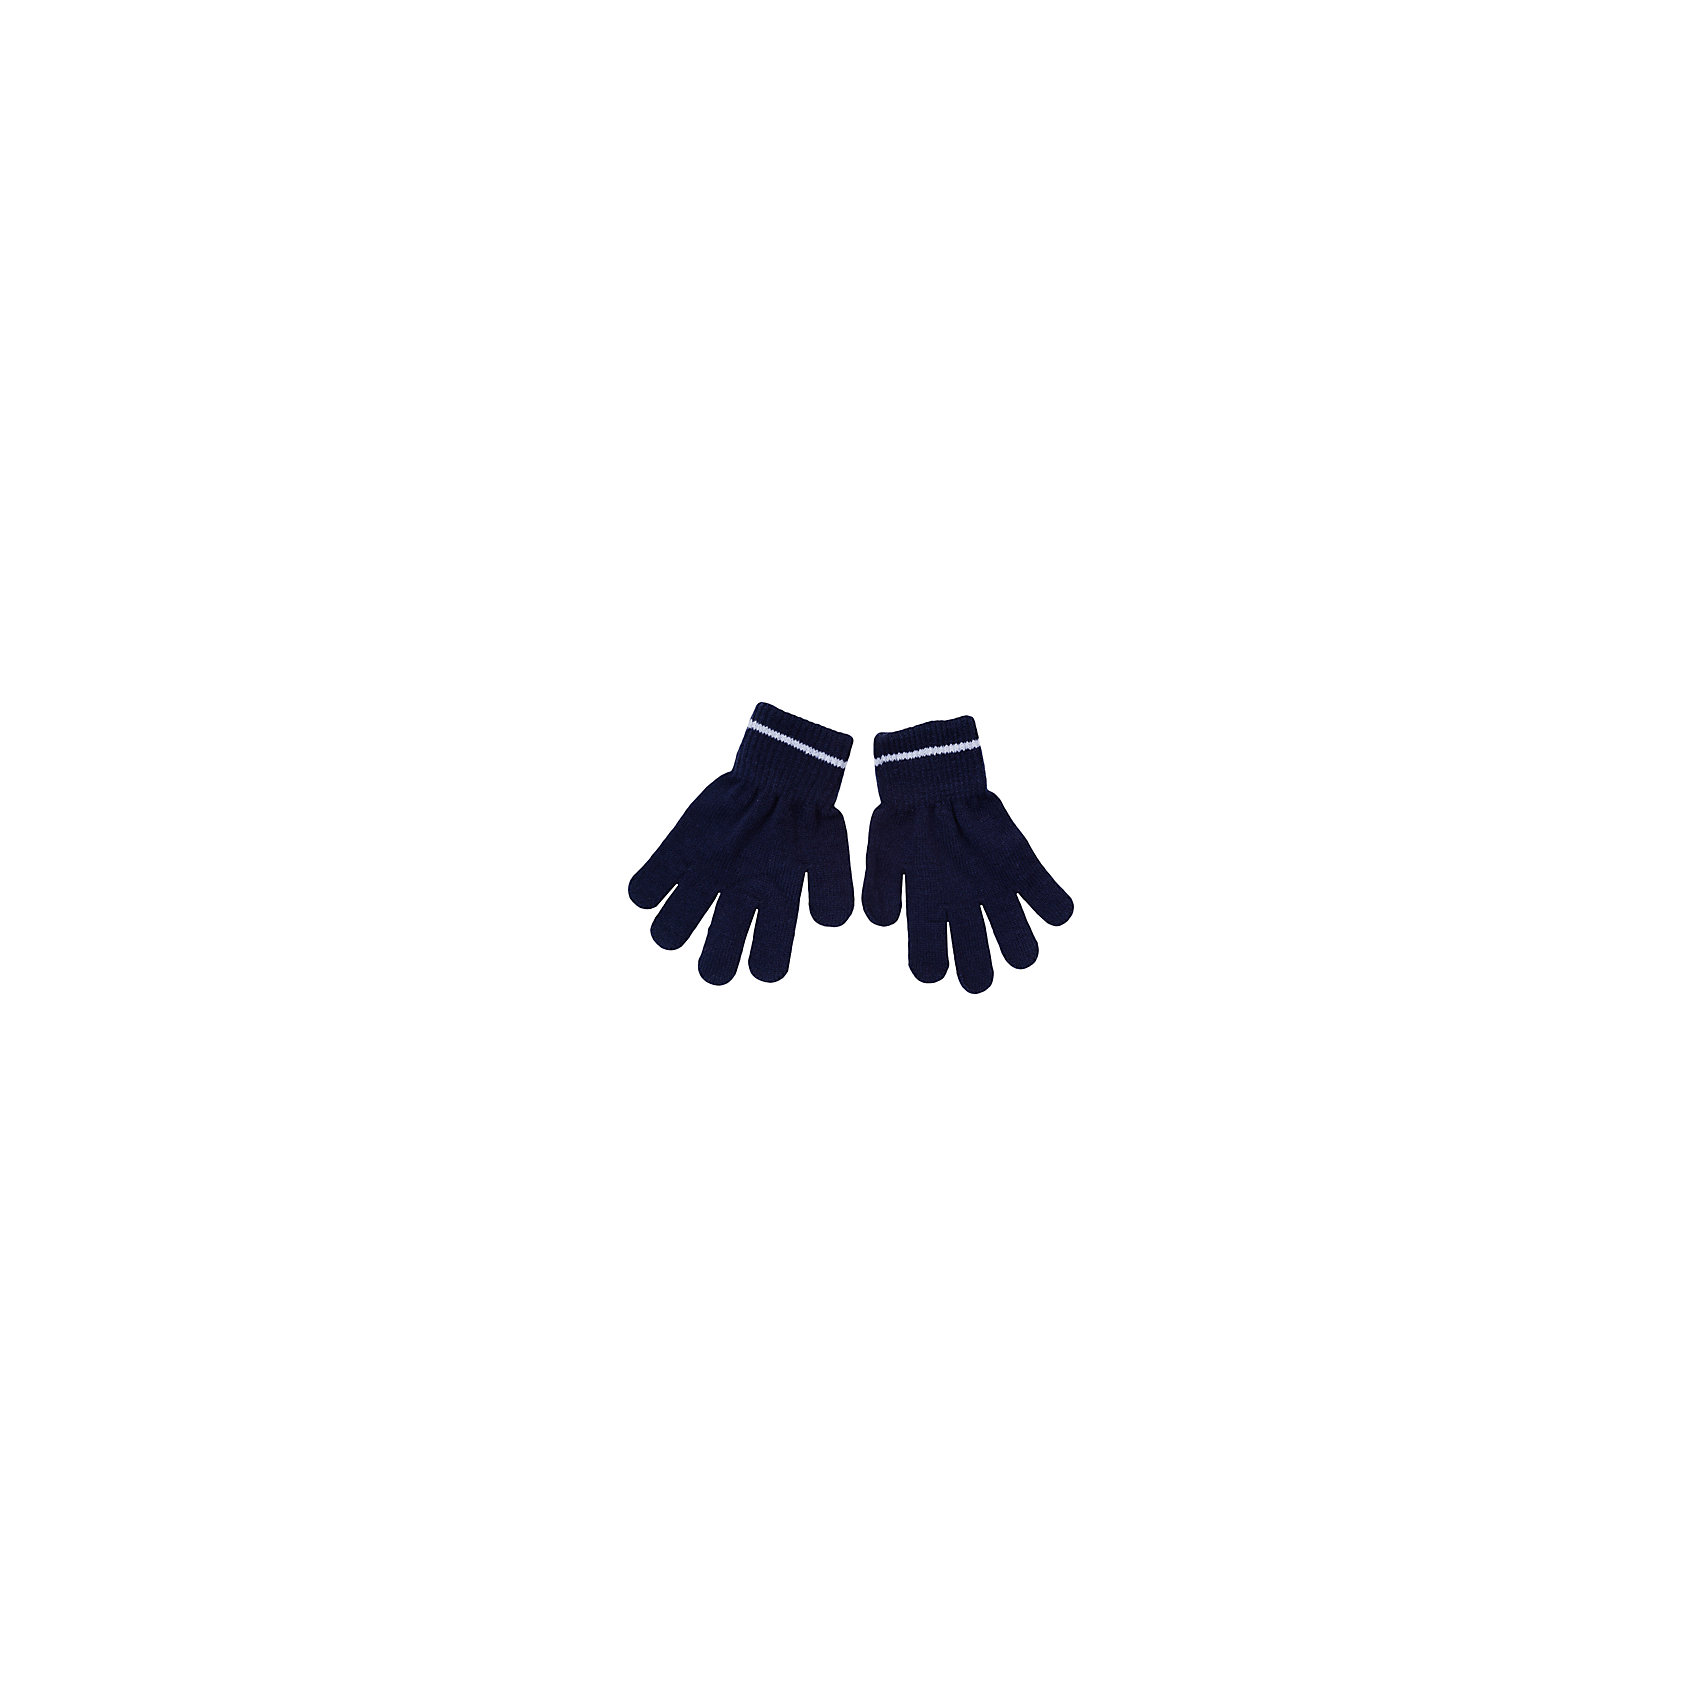 Перчатки для мальчика PlayTodayПерчатки для мальчика от известного бренда PlayToday.<br>Теплые перчатки из вязаного трикотажа. Верх на мягкой резинке с яркими полосками.<br>Состав:<br>100% акрил<br><br>Ширина мм: 162<br>Глубина мм: 171<br>Высота мм: 55<br>Вес г: 119<br>Цвет: разноцветный<br>Возраст от месяцев: 36<br>Возраст до месяцев: 48<br>Пол: Мужской<br>Возраст: Детский<br>Размер: 13,15,14<br>SKU: 4896876